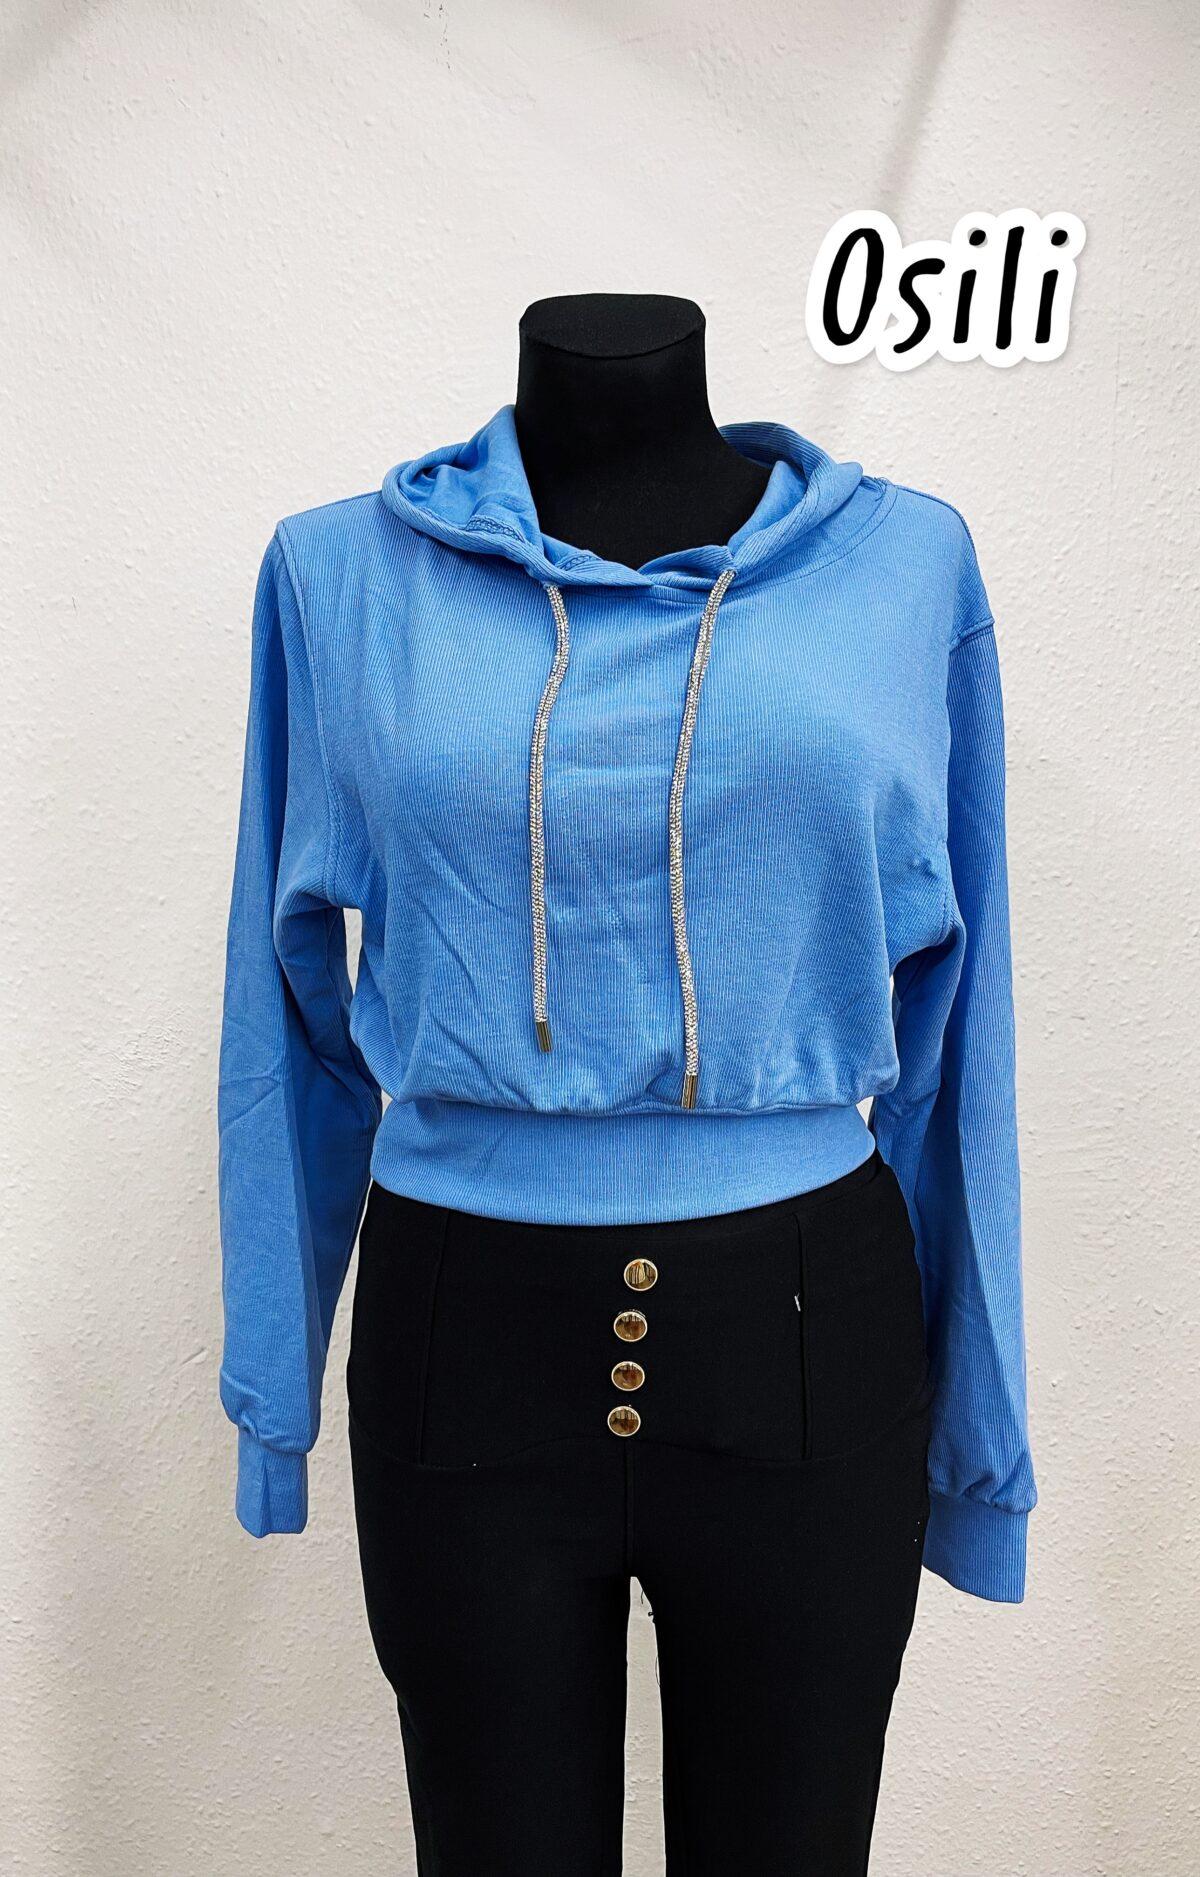 77AC8DB9 E849 47C1 AF96 99F29C48531D scaled Osili - Fashion - Divat